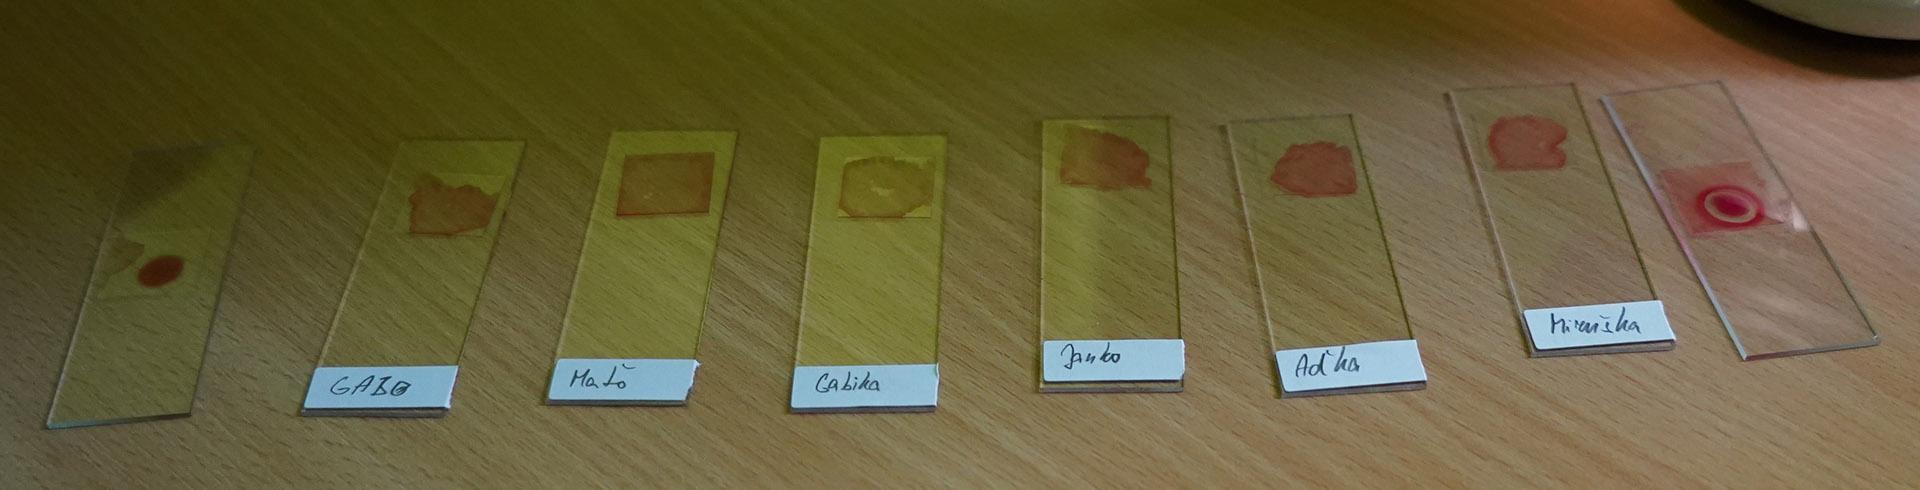 vzorky-krvi spolu